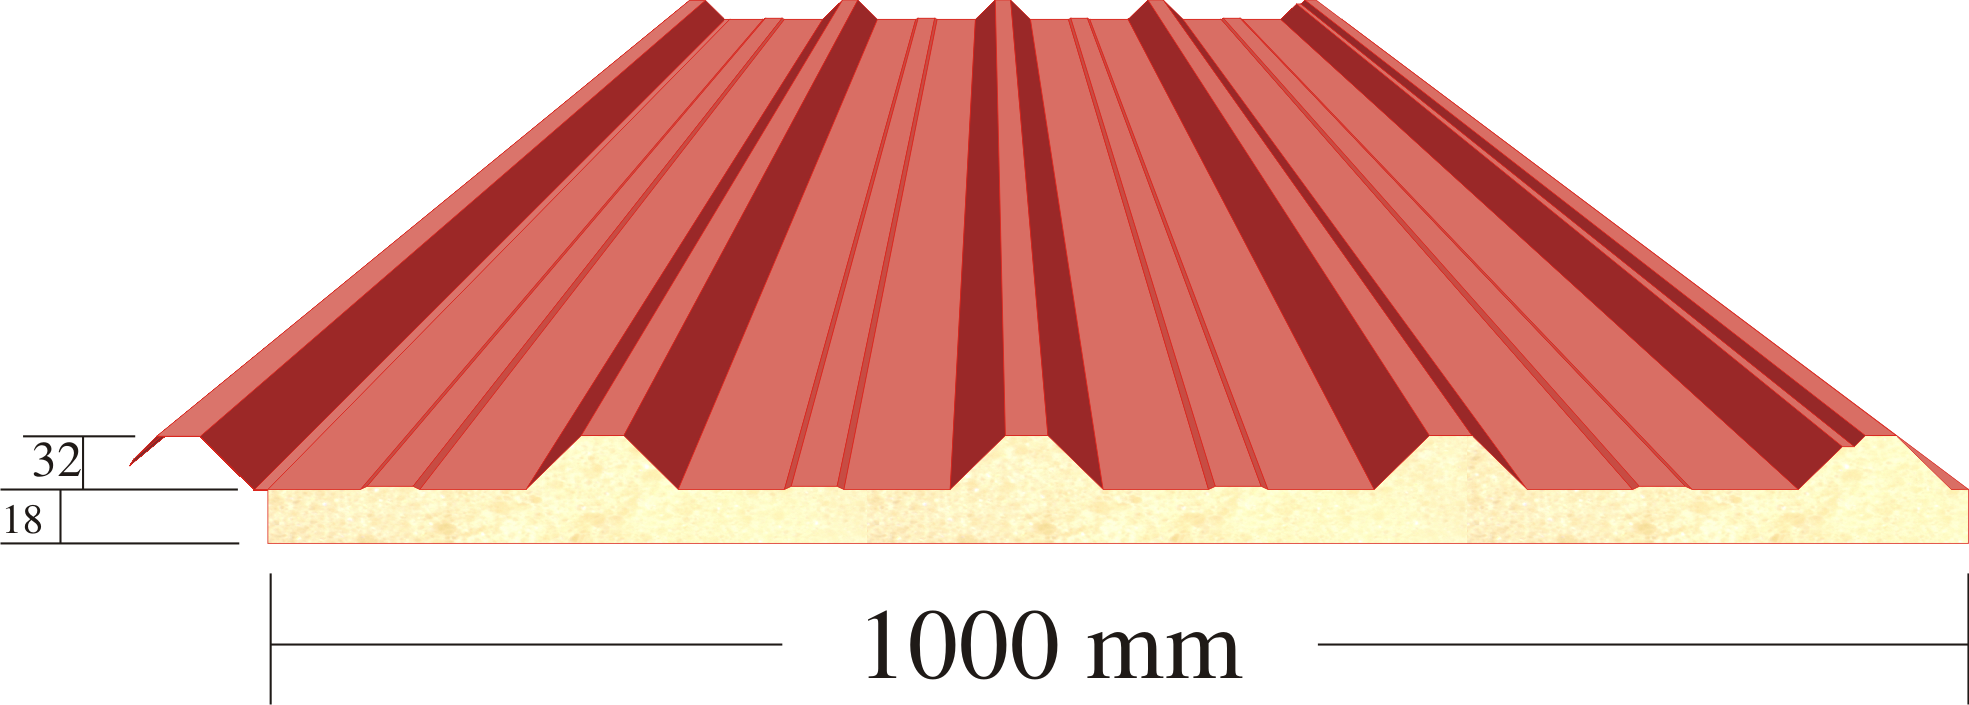 Giá tôn chống nóng mới nhất cập nhật tại nhà máy sản xuất